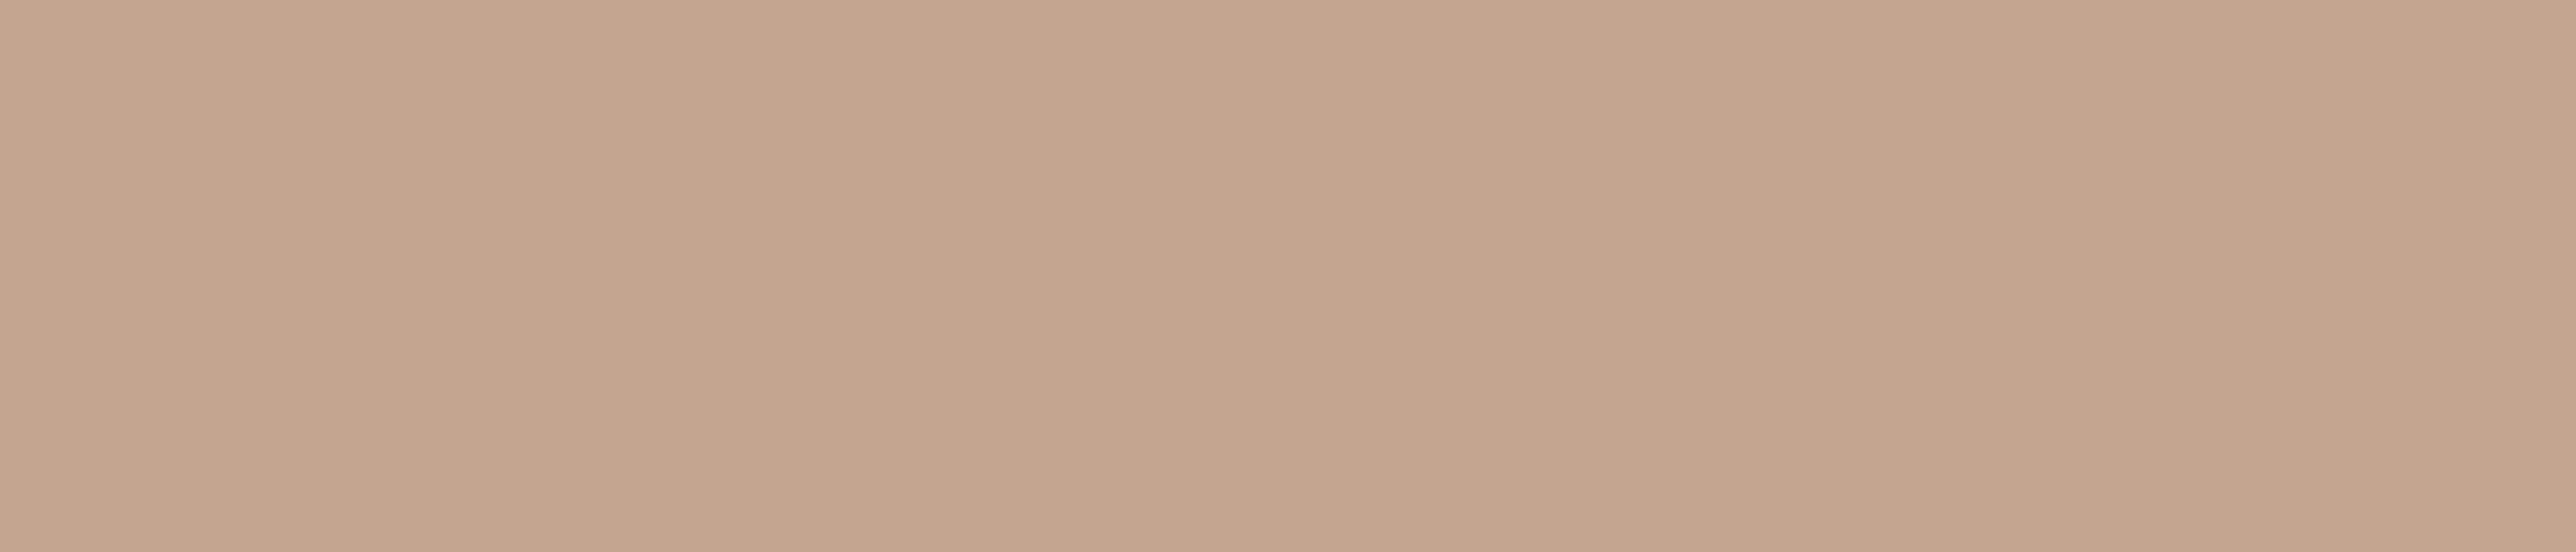 20047 Blushing Peach